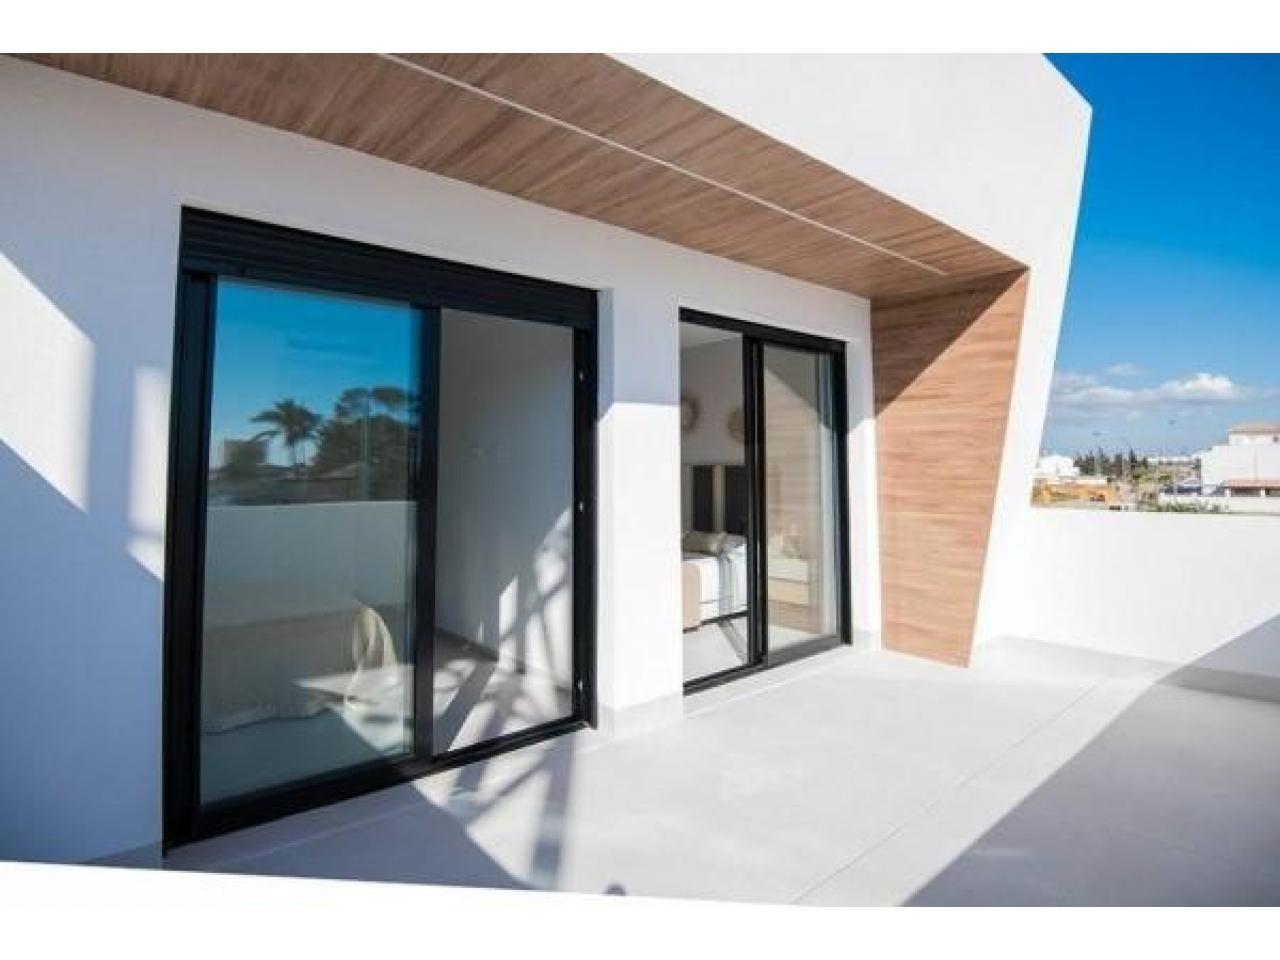 Недвижимость в Испании, Новая вилла рядом с пляжем от застройщика в Сан-Хавьер - 5